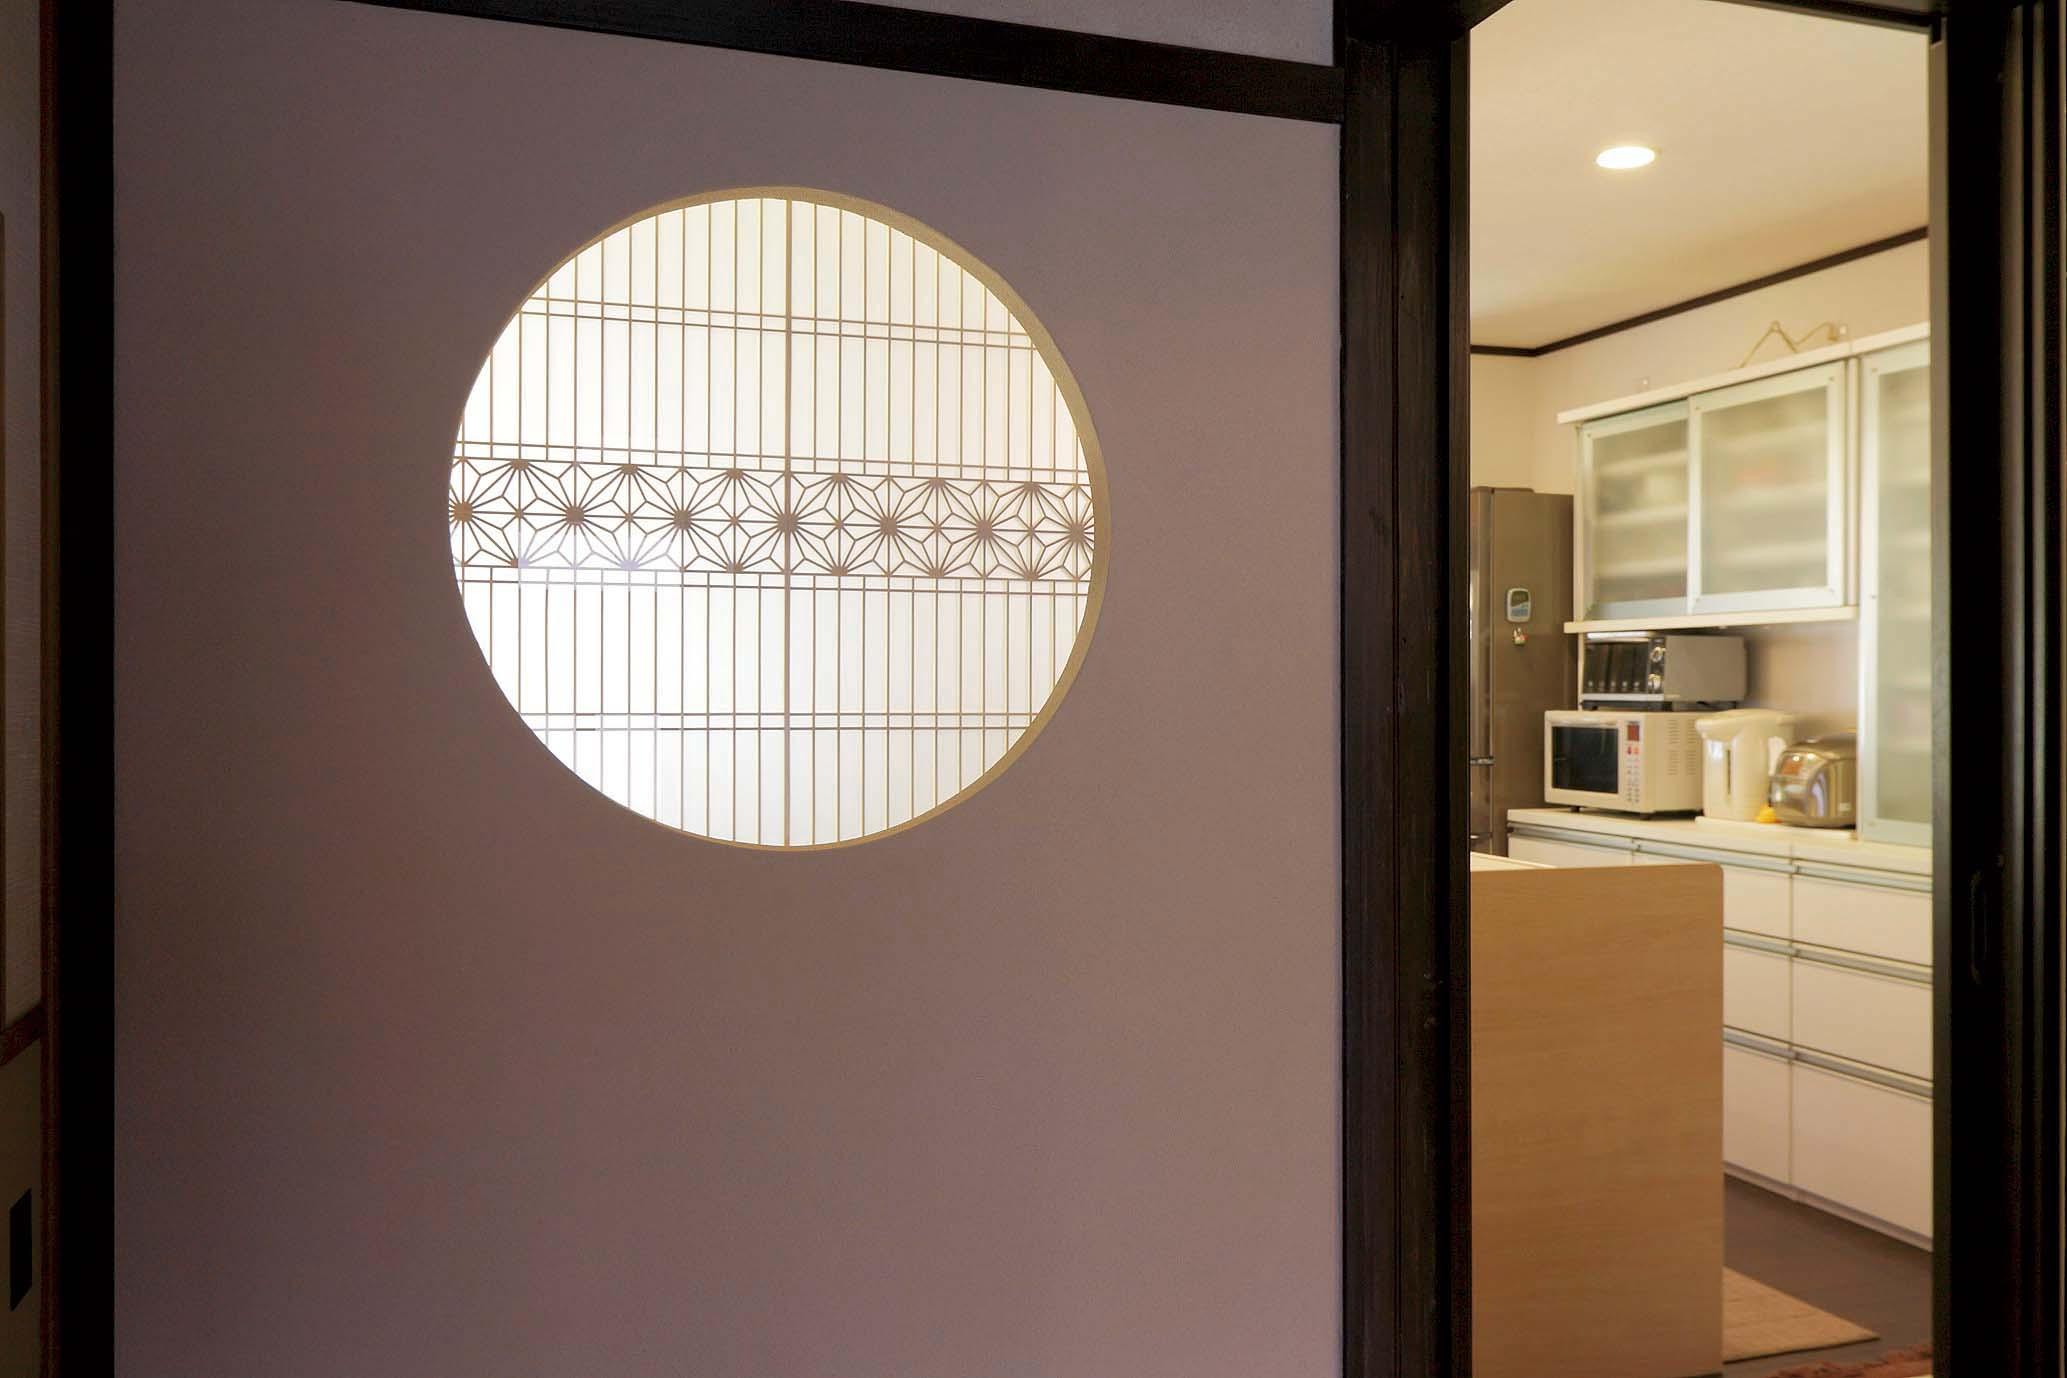 玄関からの視線を防ぐオシャレな飾り窓。